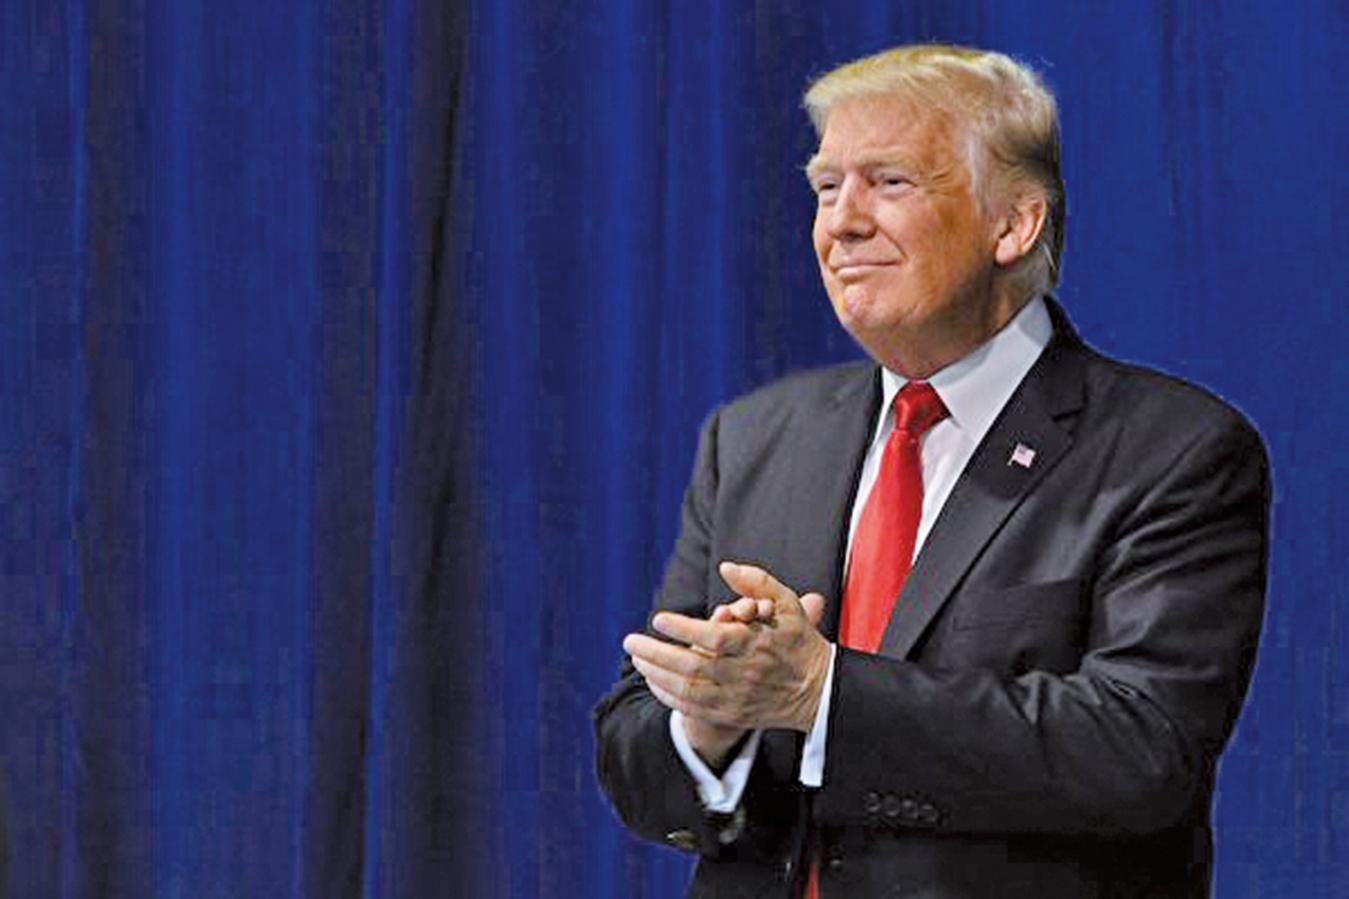 美國國會眾議院情報委員會的調查指出,沒有證據表明特朗普總統的競選陣營與俄羅斯有勾結或共謀。(AFP)